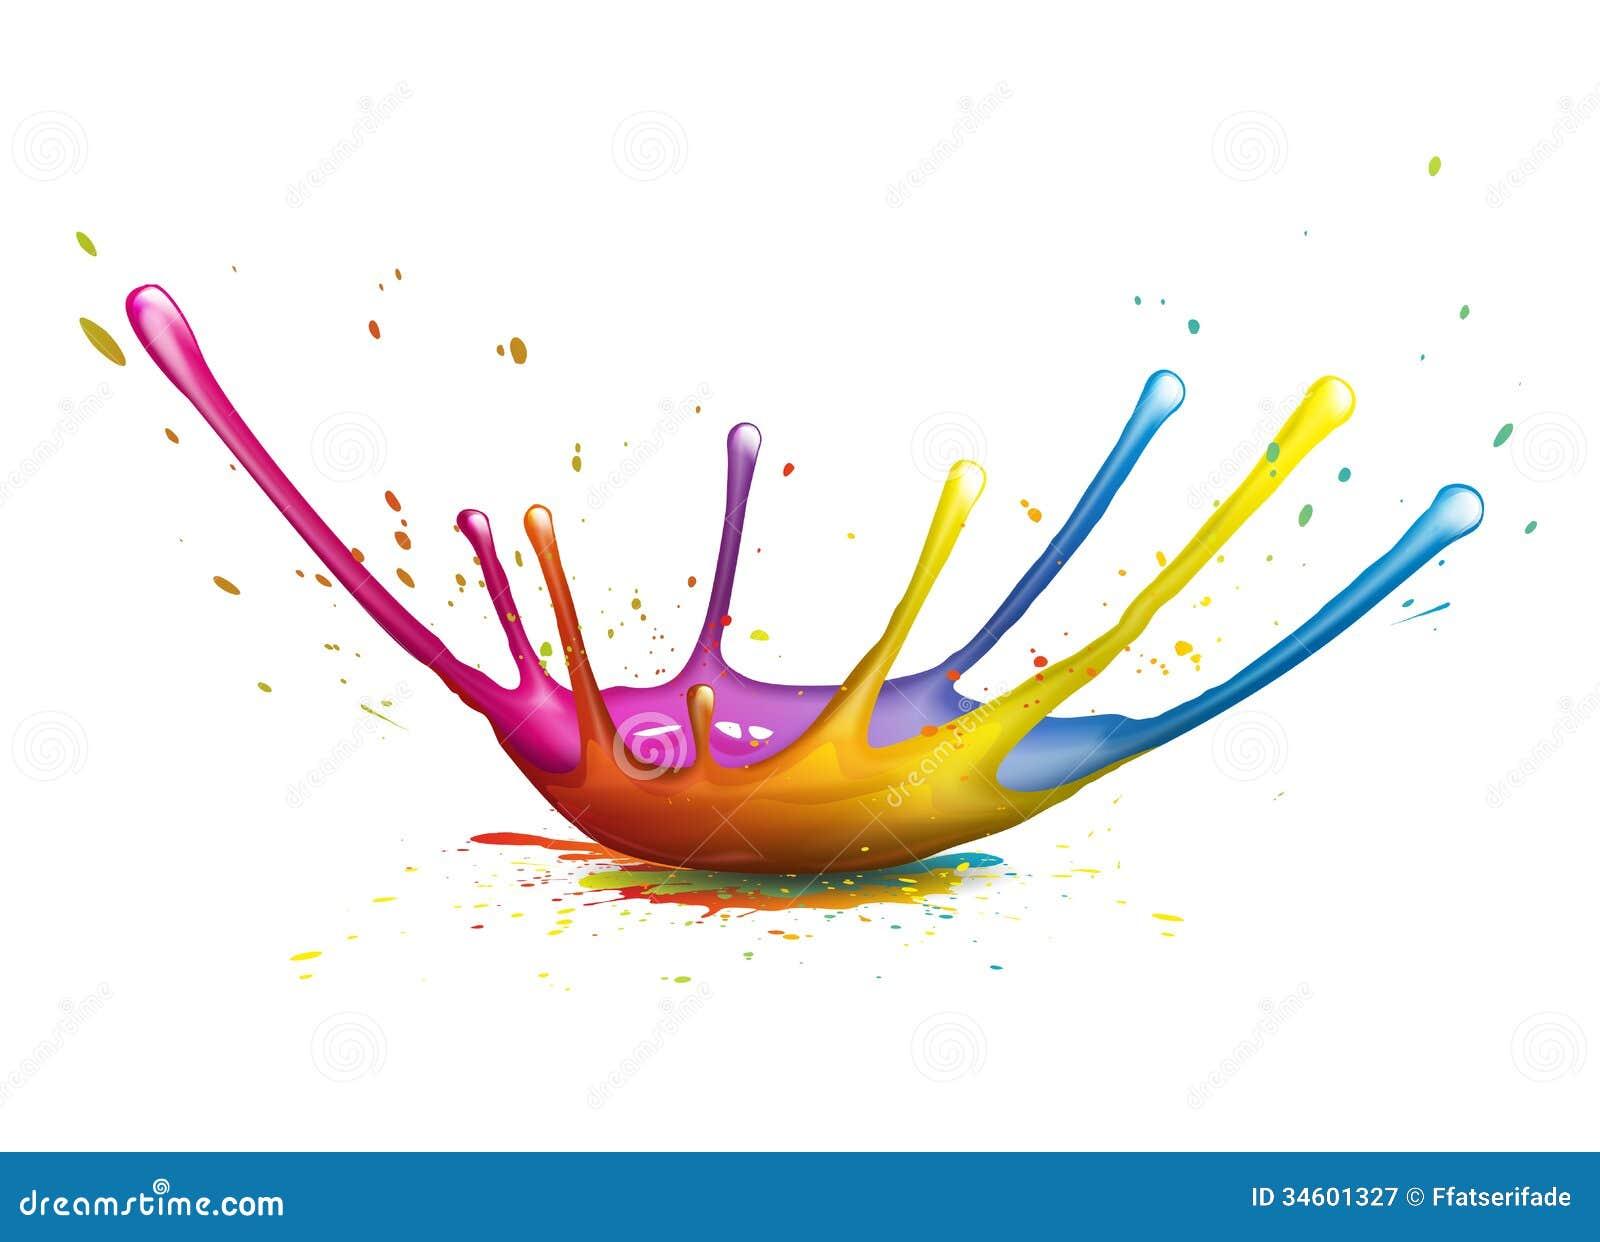 Splash Royalty Free Stock Photography - Image: 34601327